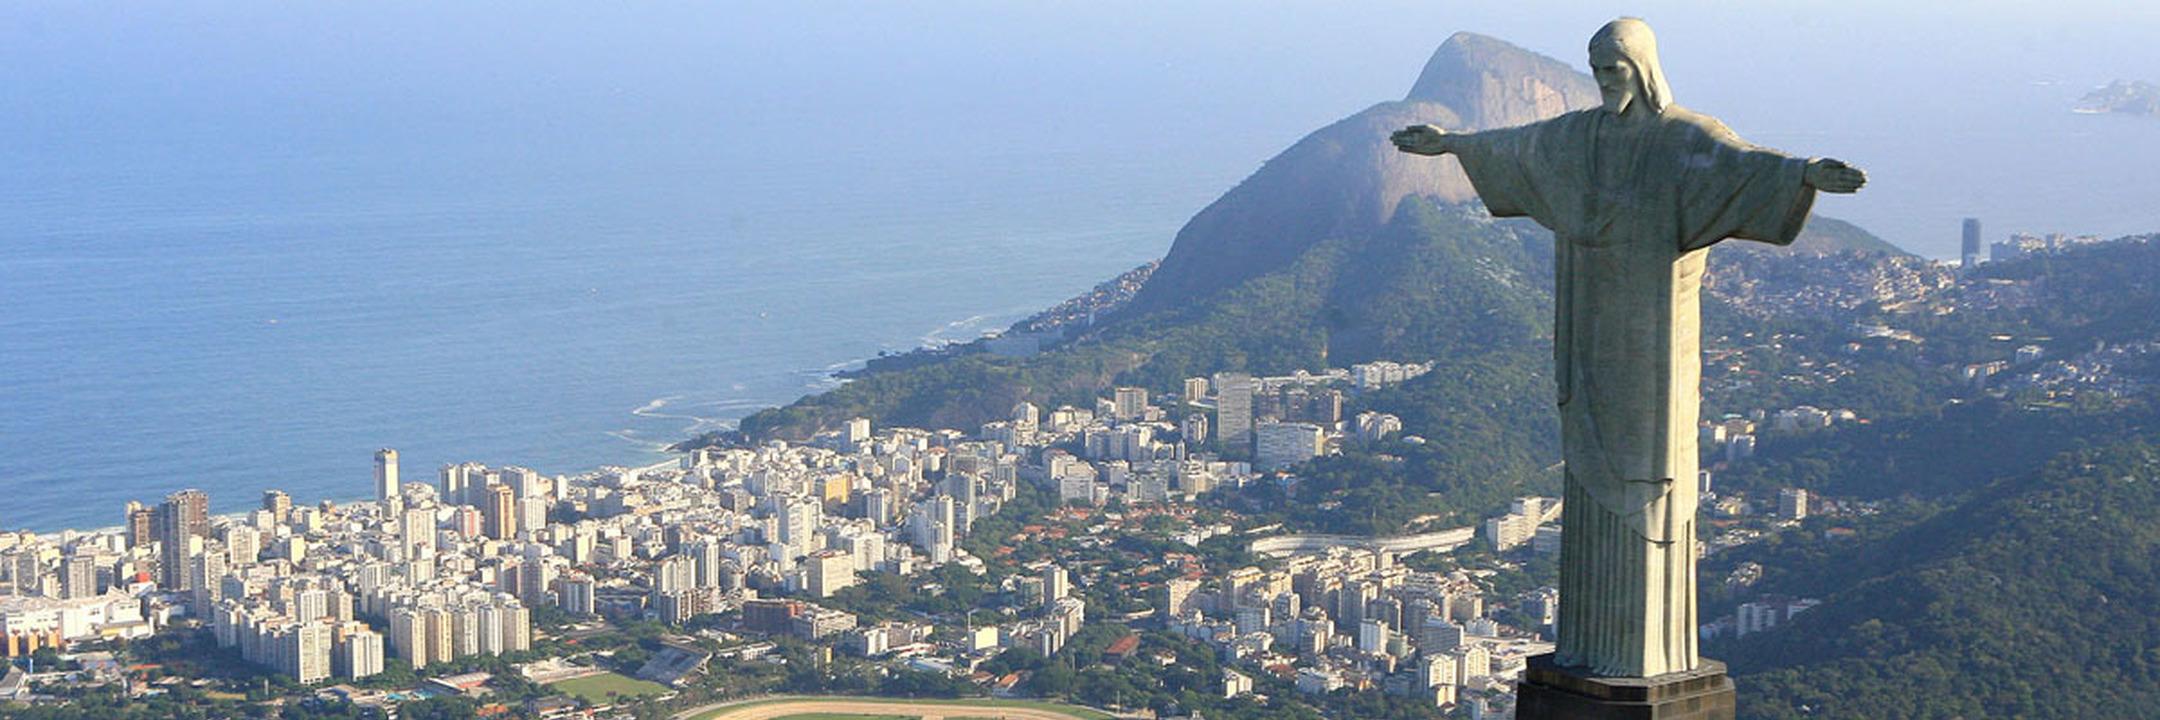 Próxima paragem: Carnaval! No Rio de Janeiro, claro